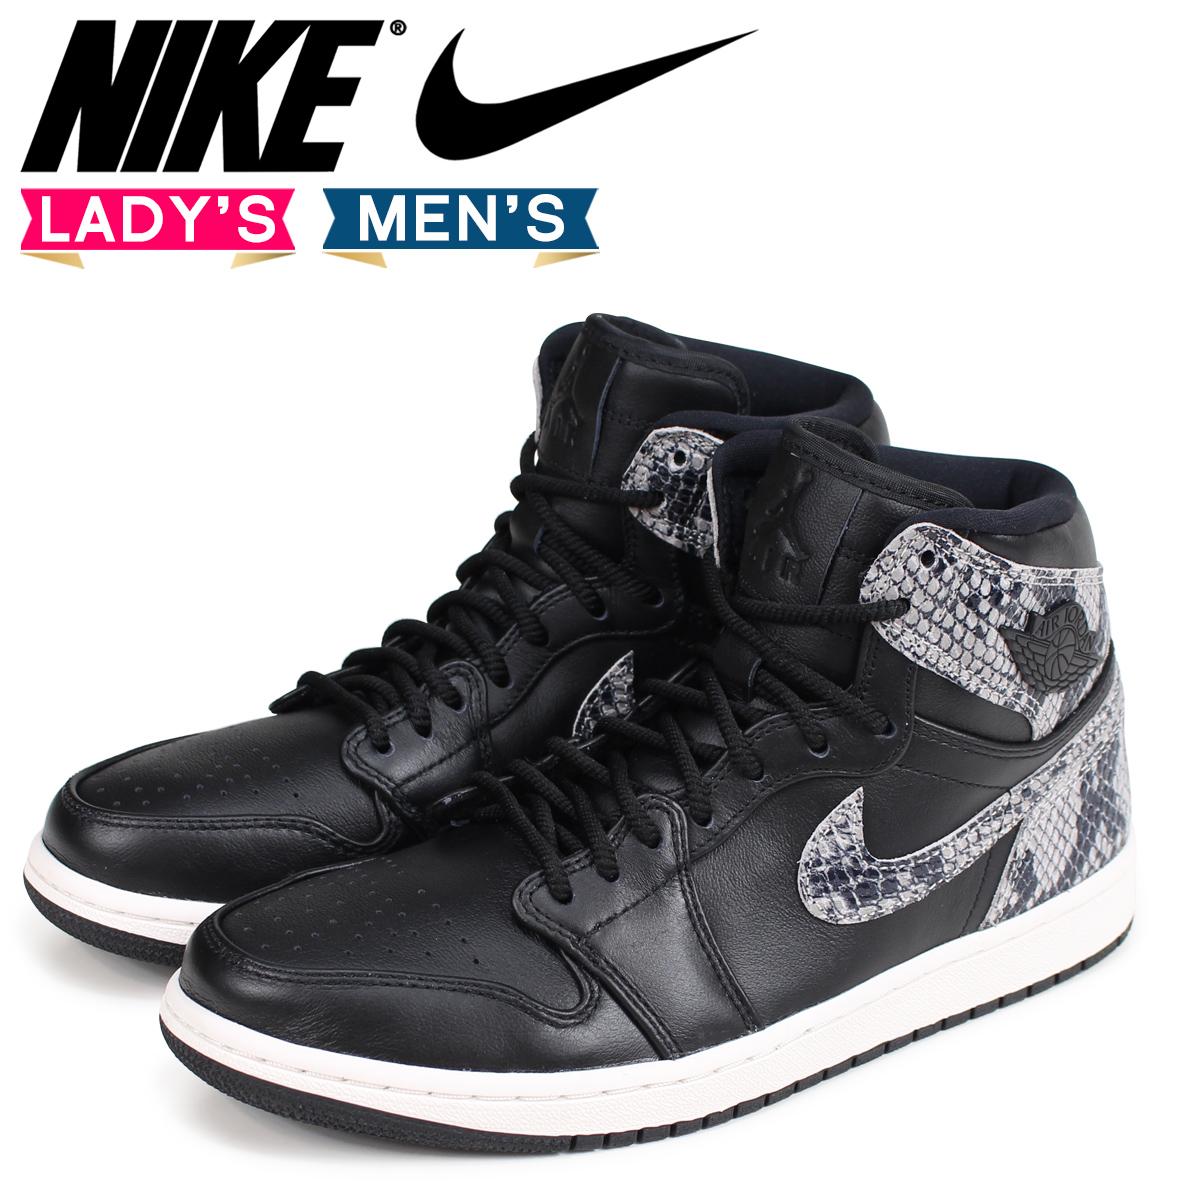 5b786b0dfb2c08 NIKE Nike Air Jordan 1 lady s men s sneakers WMNS AIR JORDAN 1 RETRO HIGH  PREMIUM AH7389-014 gray  load planned Shinnyu load in reservation product 8  18 ...